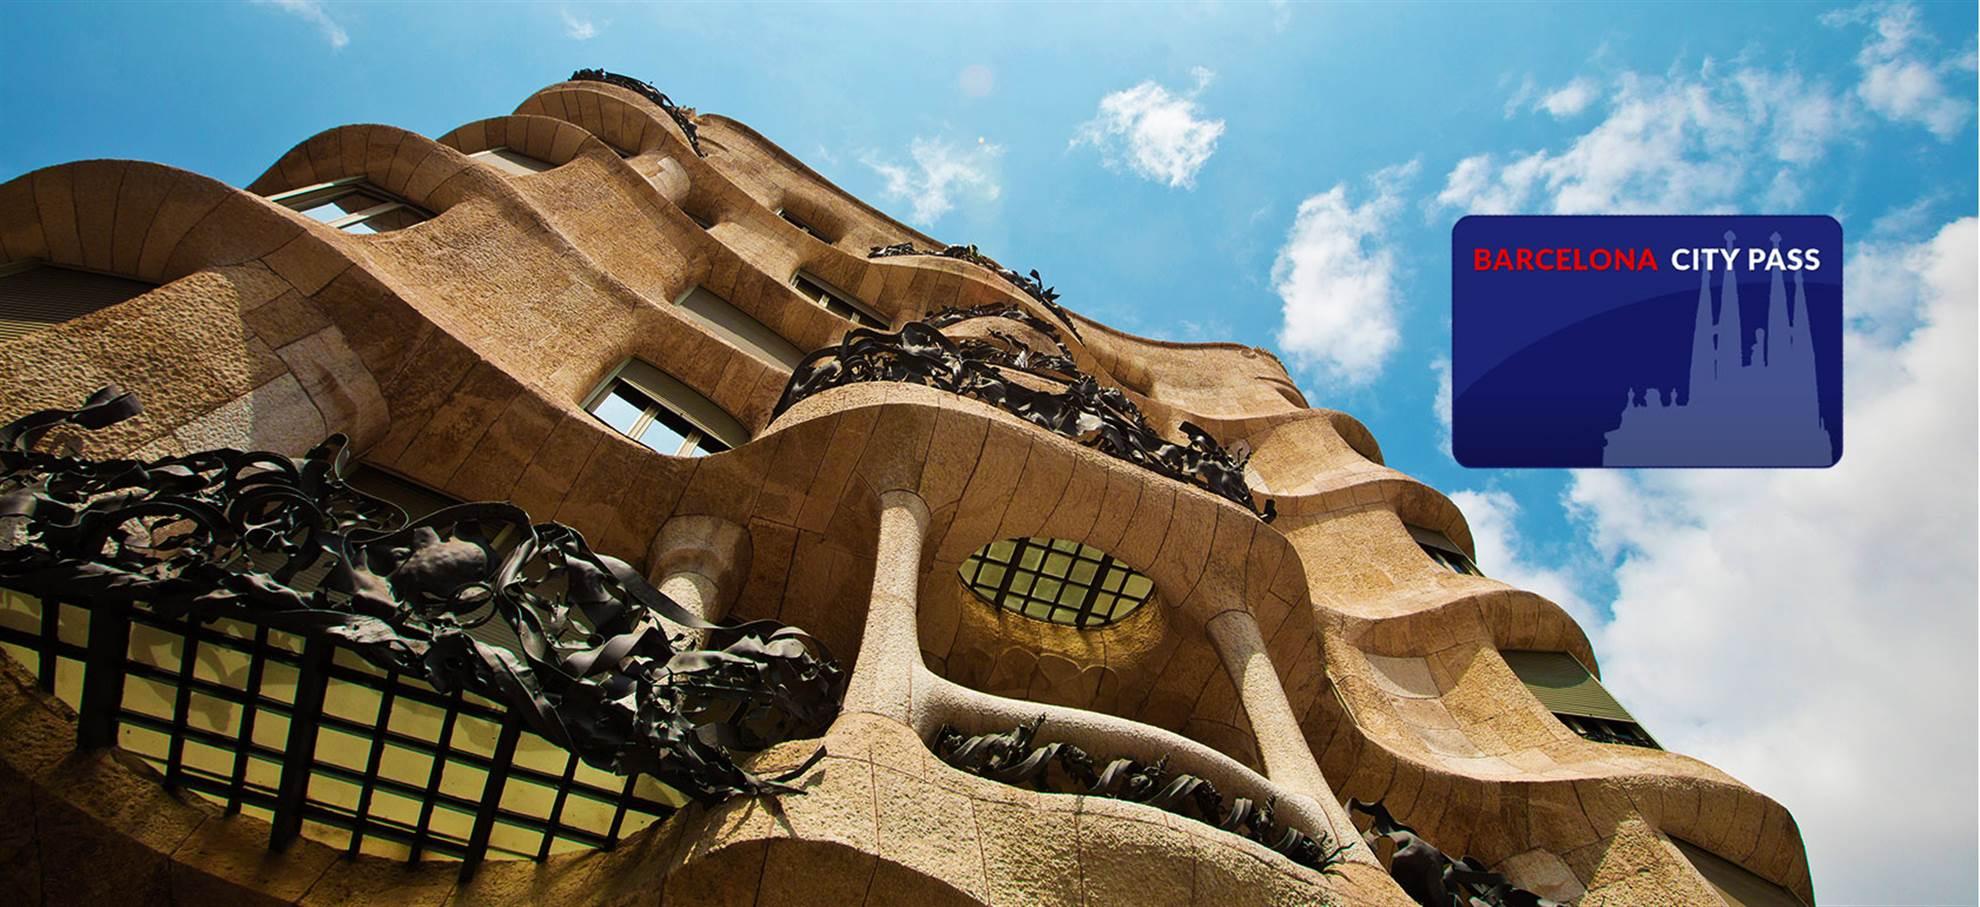 Pase de la Ciudad de Barcelona (incl. Sagrada Familia + Torre + Audio-guía castellano)